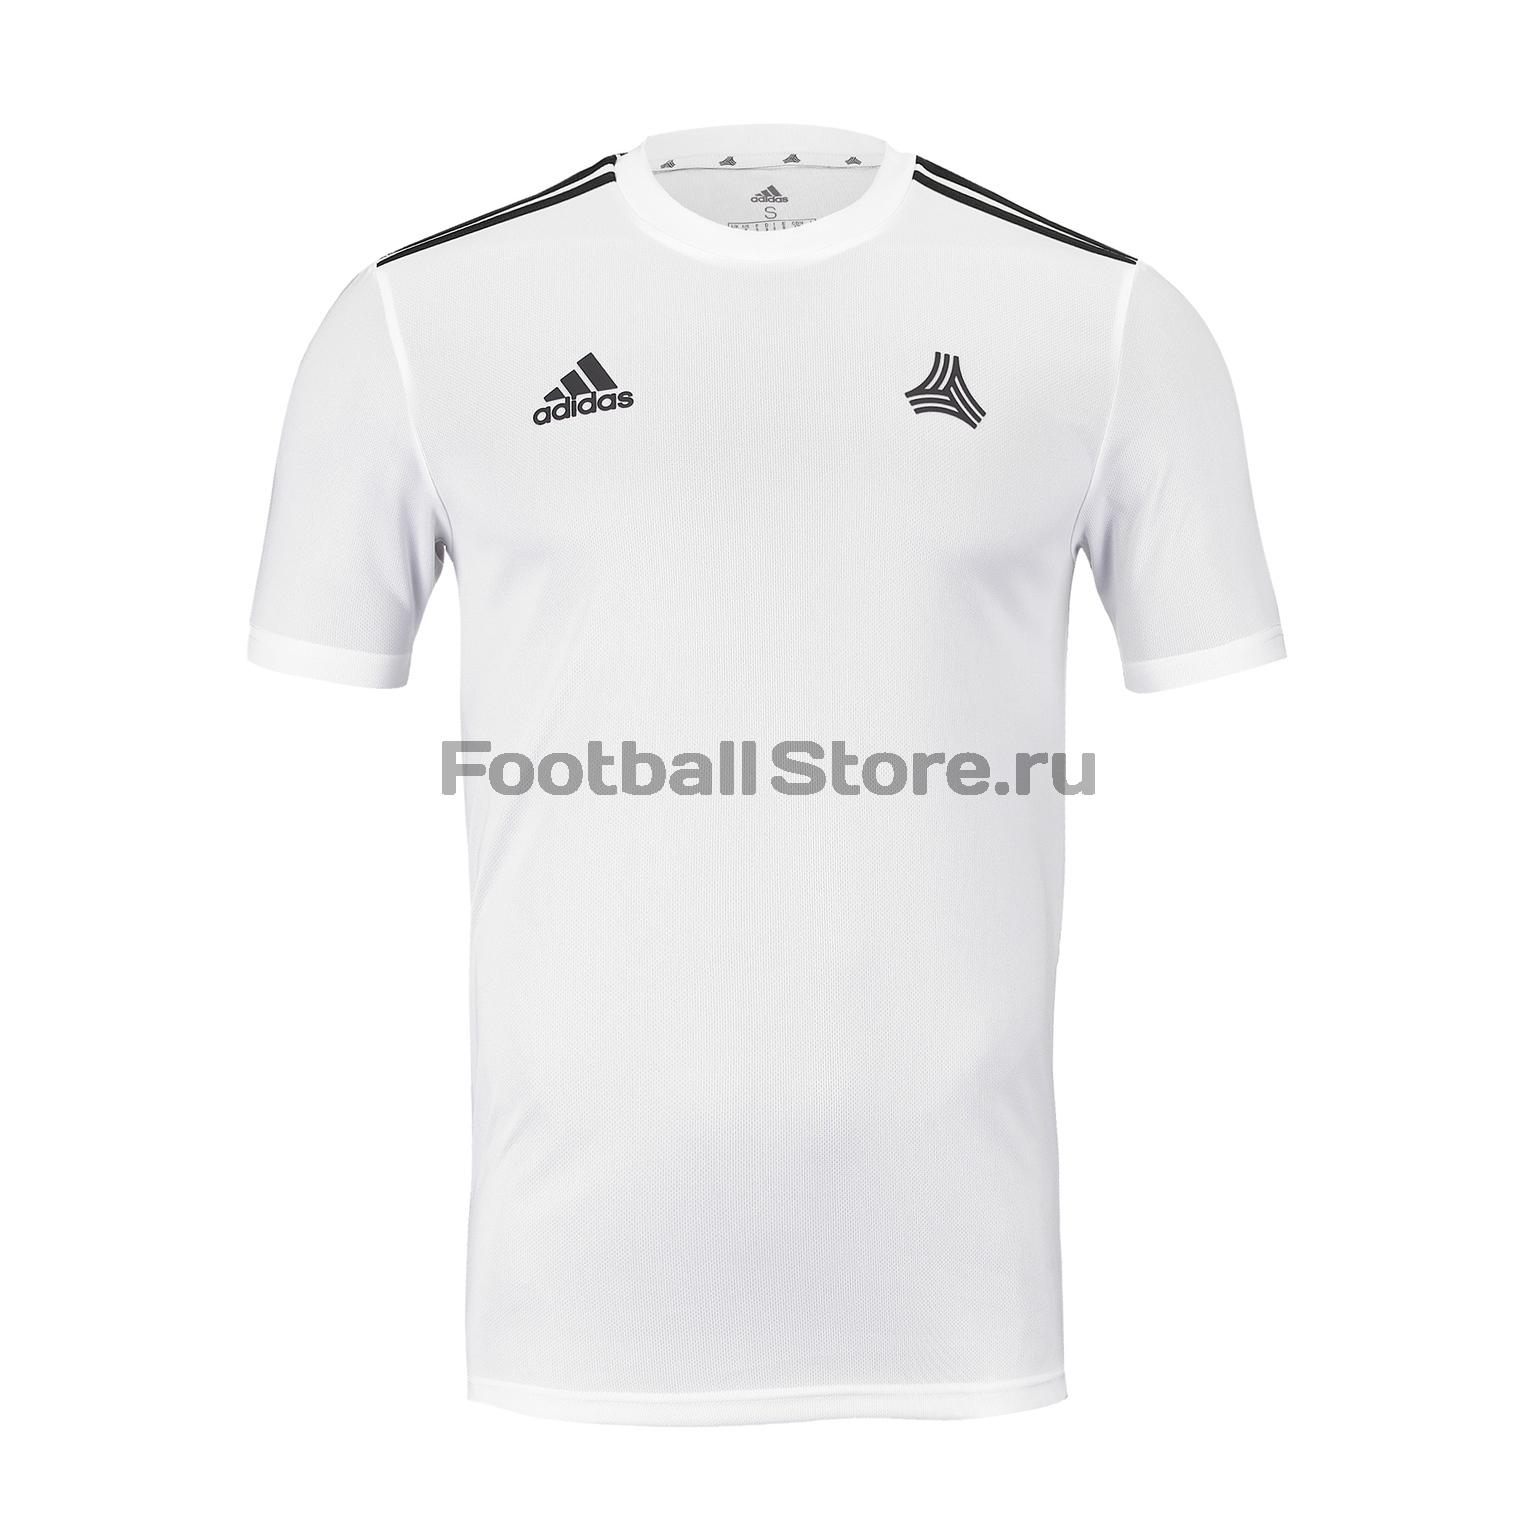 Футболка тренировочная Adidas Tan DZ9589 шорты игровые adidas tan dt9843